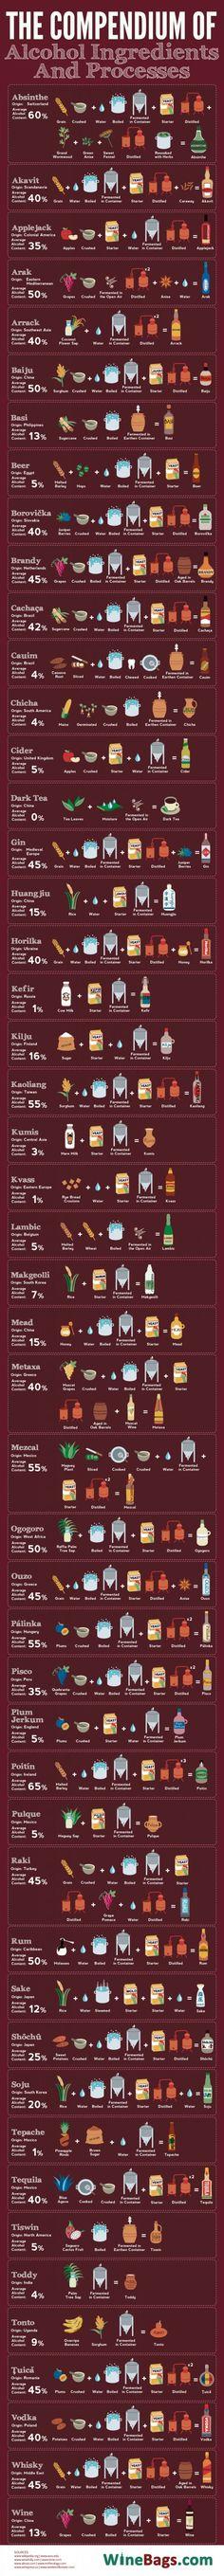 Genial infográfico te explica cómo se producen tus bebidas alcohólicas favoritas